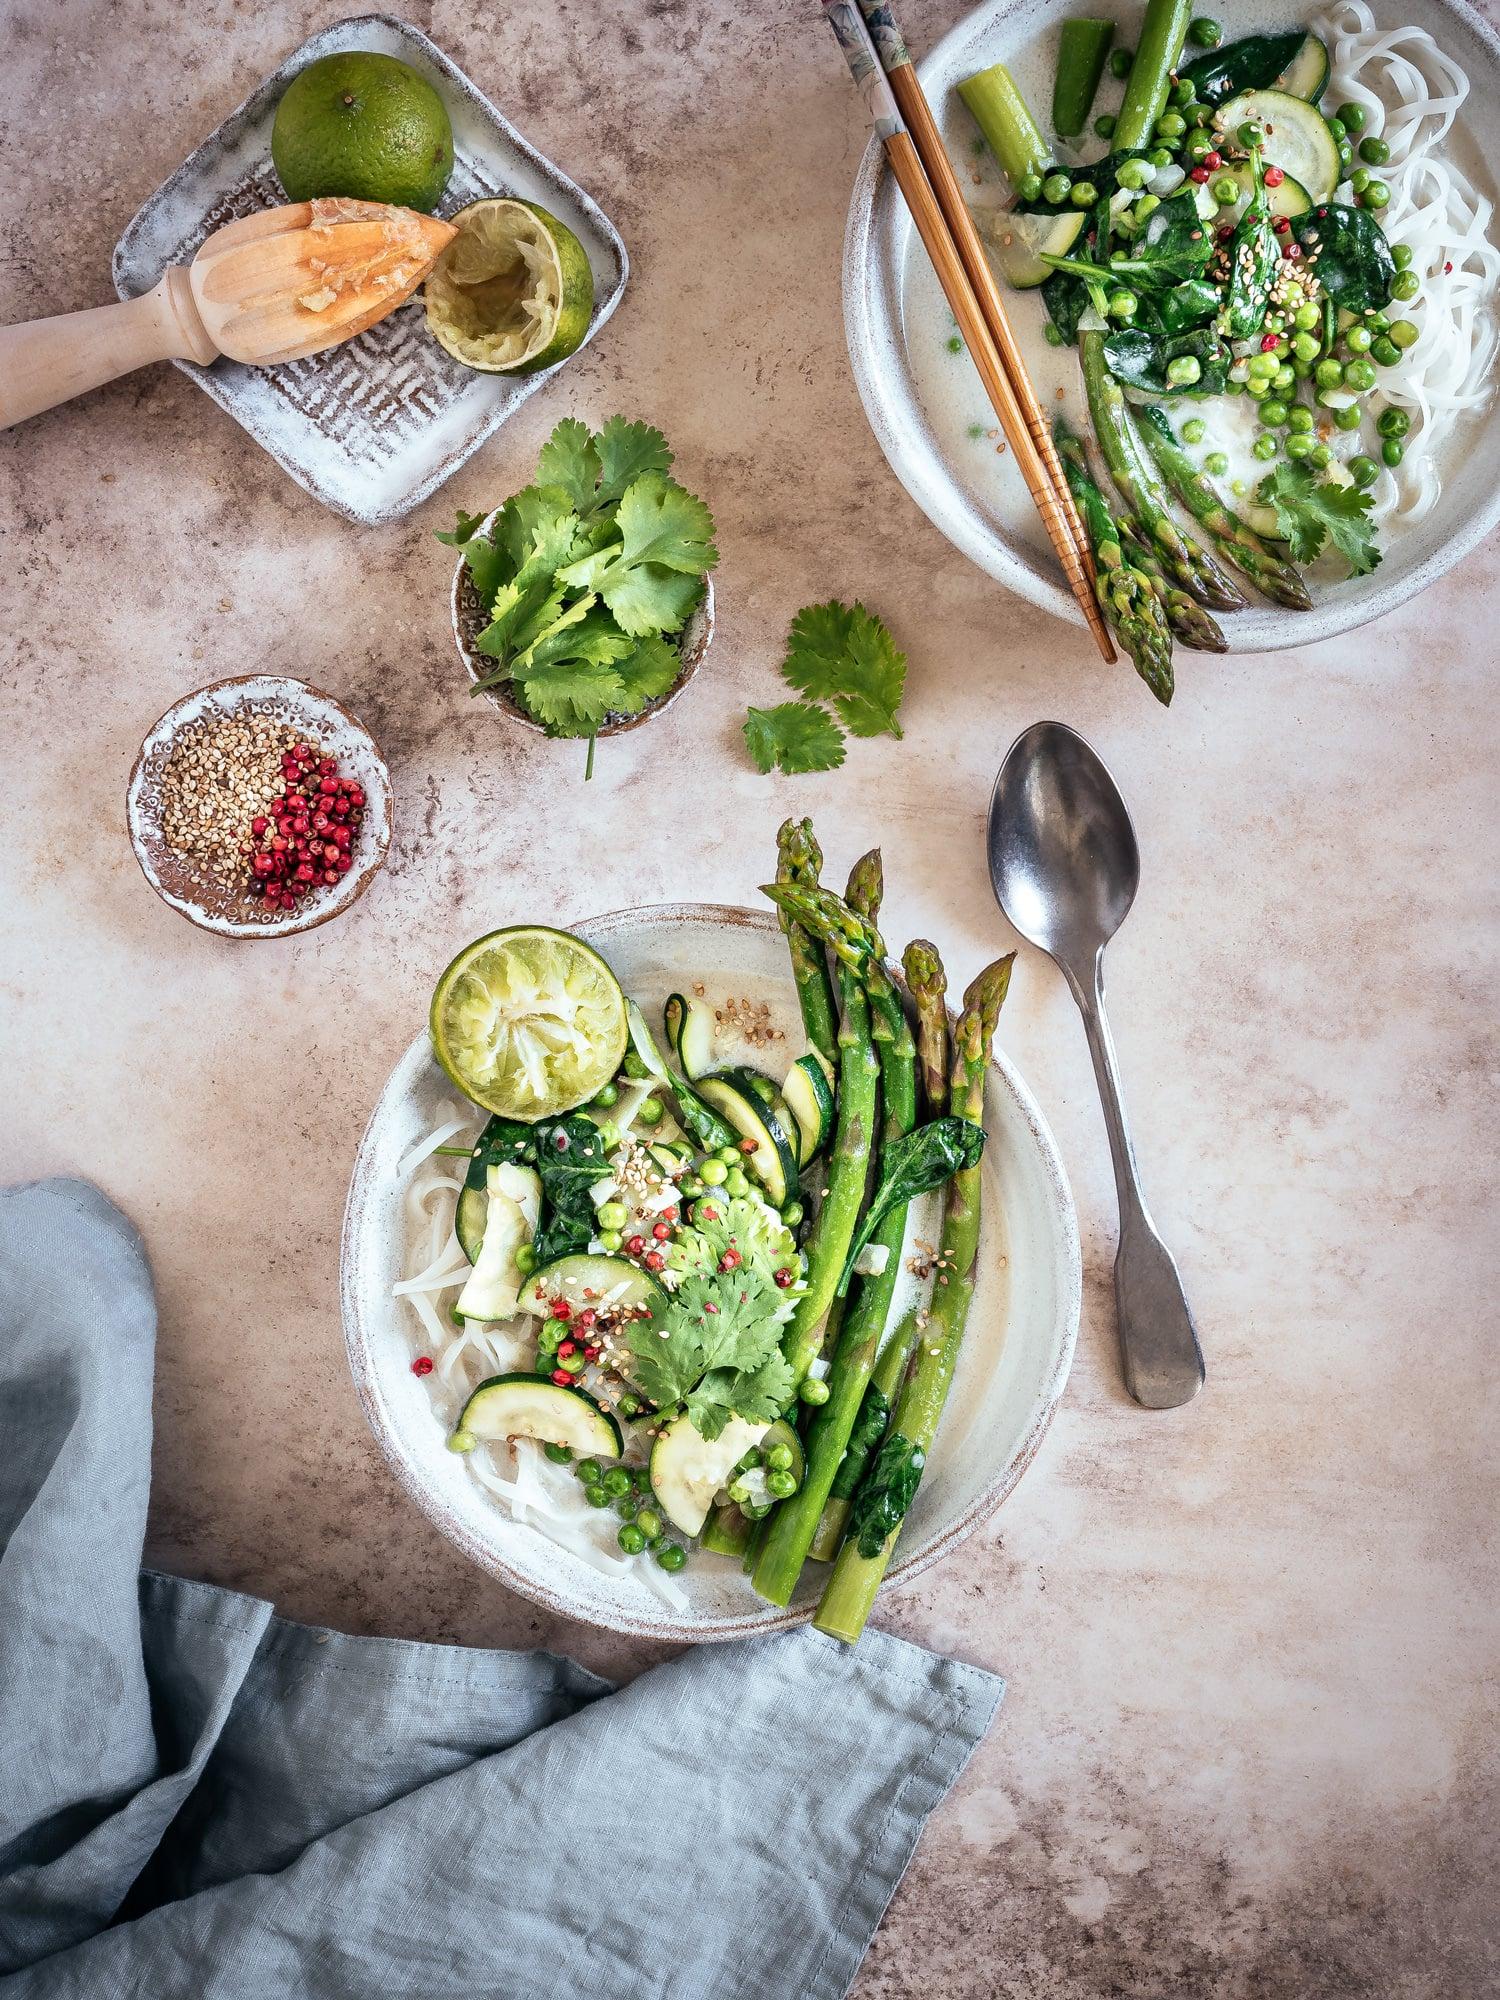 Frühling auf dem Teller: grüne Spargelsuppe mit Kokosmilch, Reisnudeln & Miso